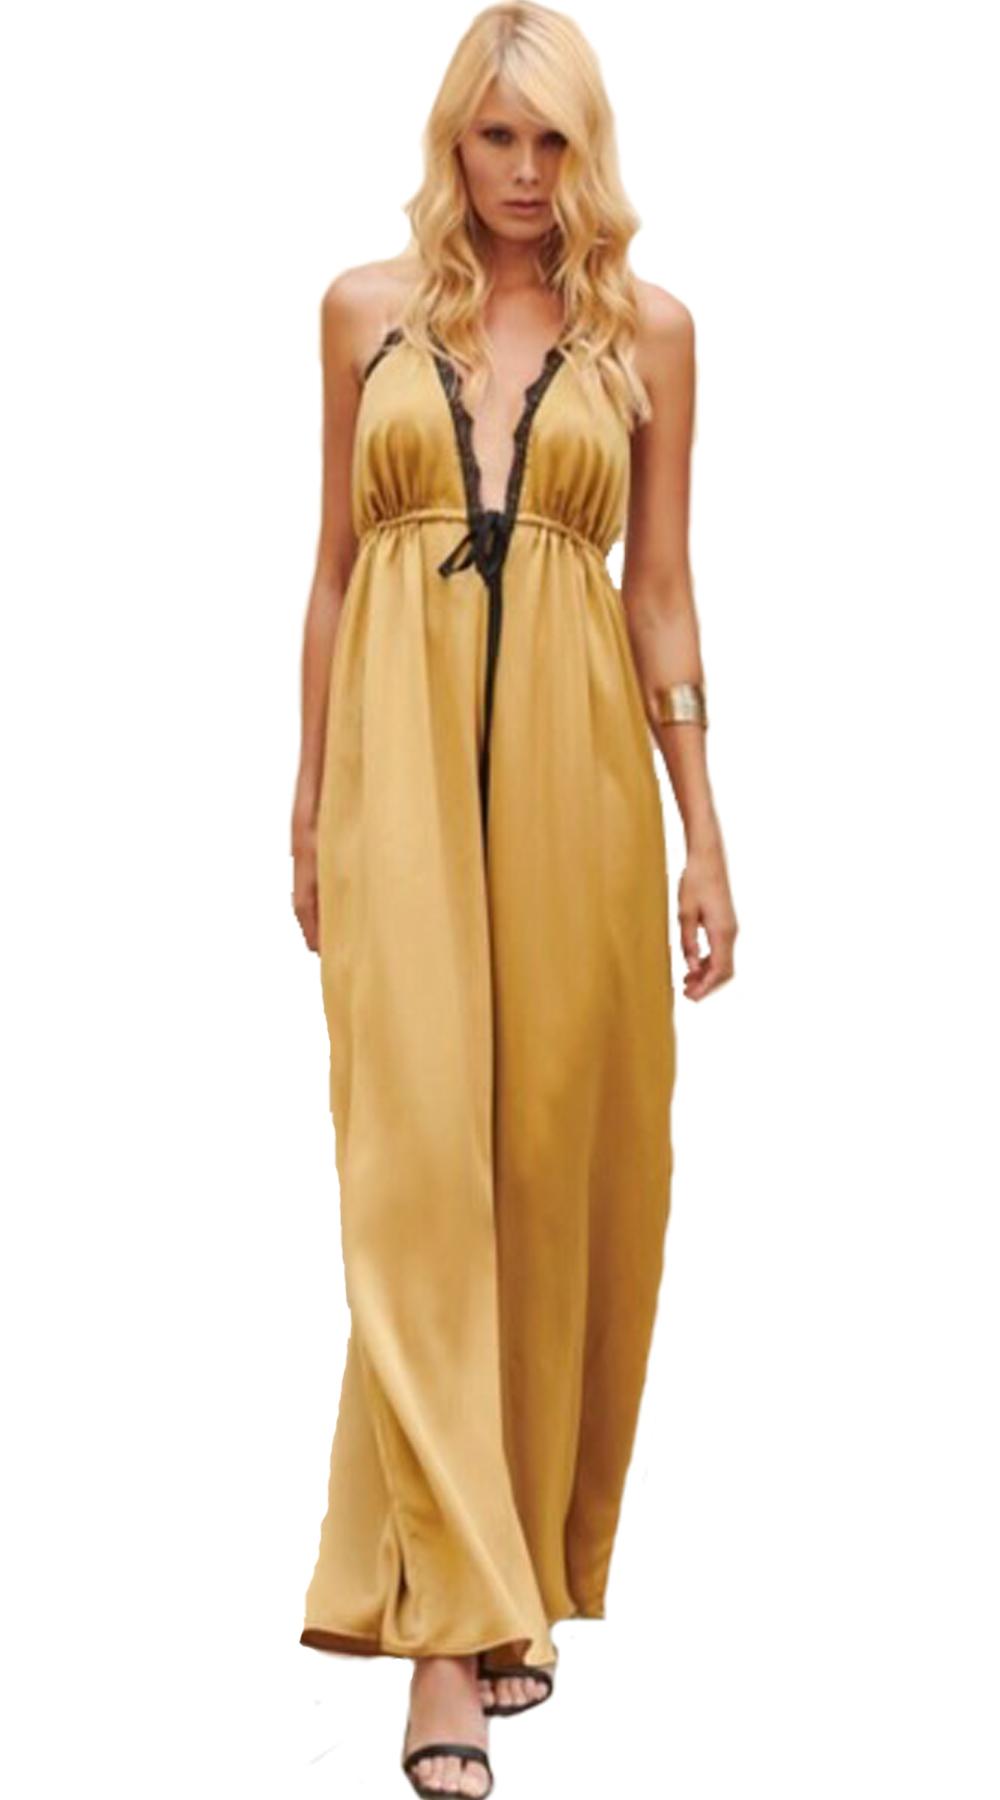 Ολόσωμη Φόρμα Εξώπλατη με κεντήματα - LOVE ME - S18LV-21211 glam occassions wedding shop